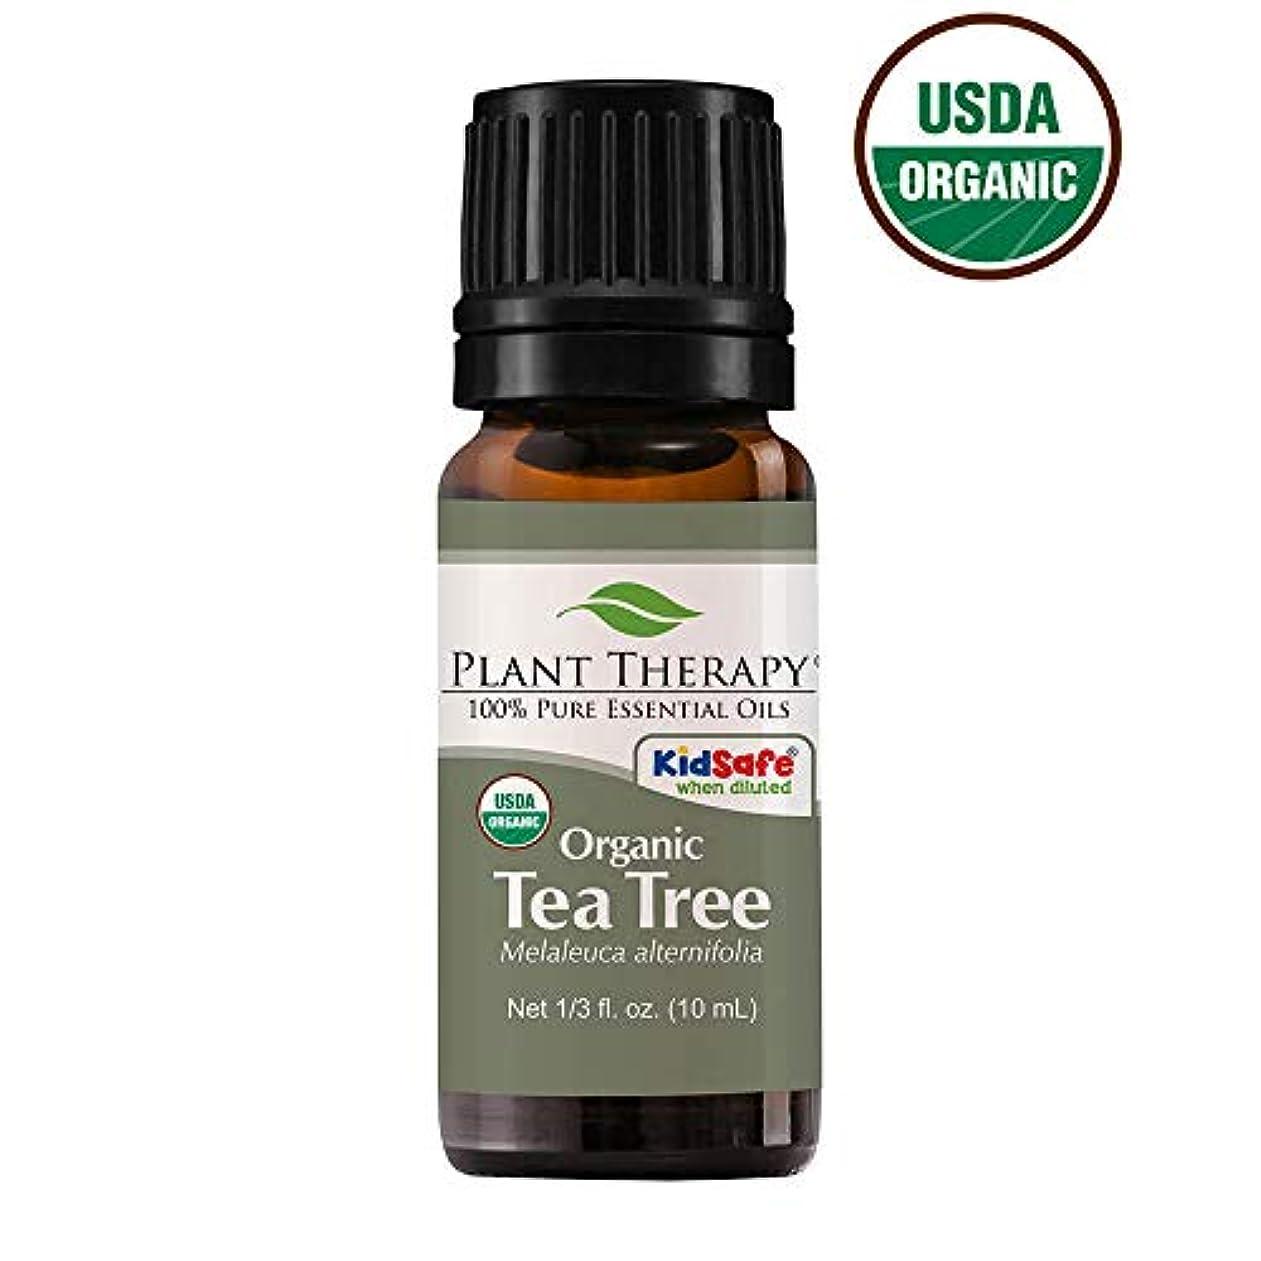 ソロマーチャンダイジング狂うPlant Therapy Essential Oils (プラントセラピー エッセンシャルオイル) オーガニック ティーツリー (メラルーカ) エッセンシャルオイル